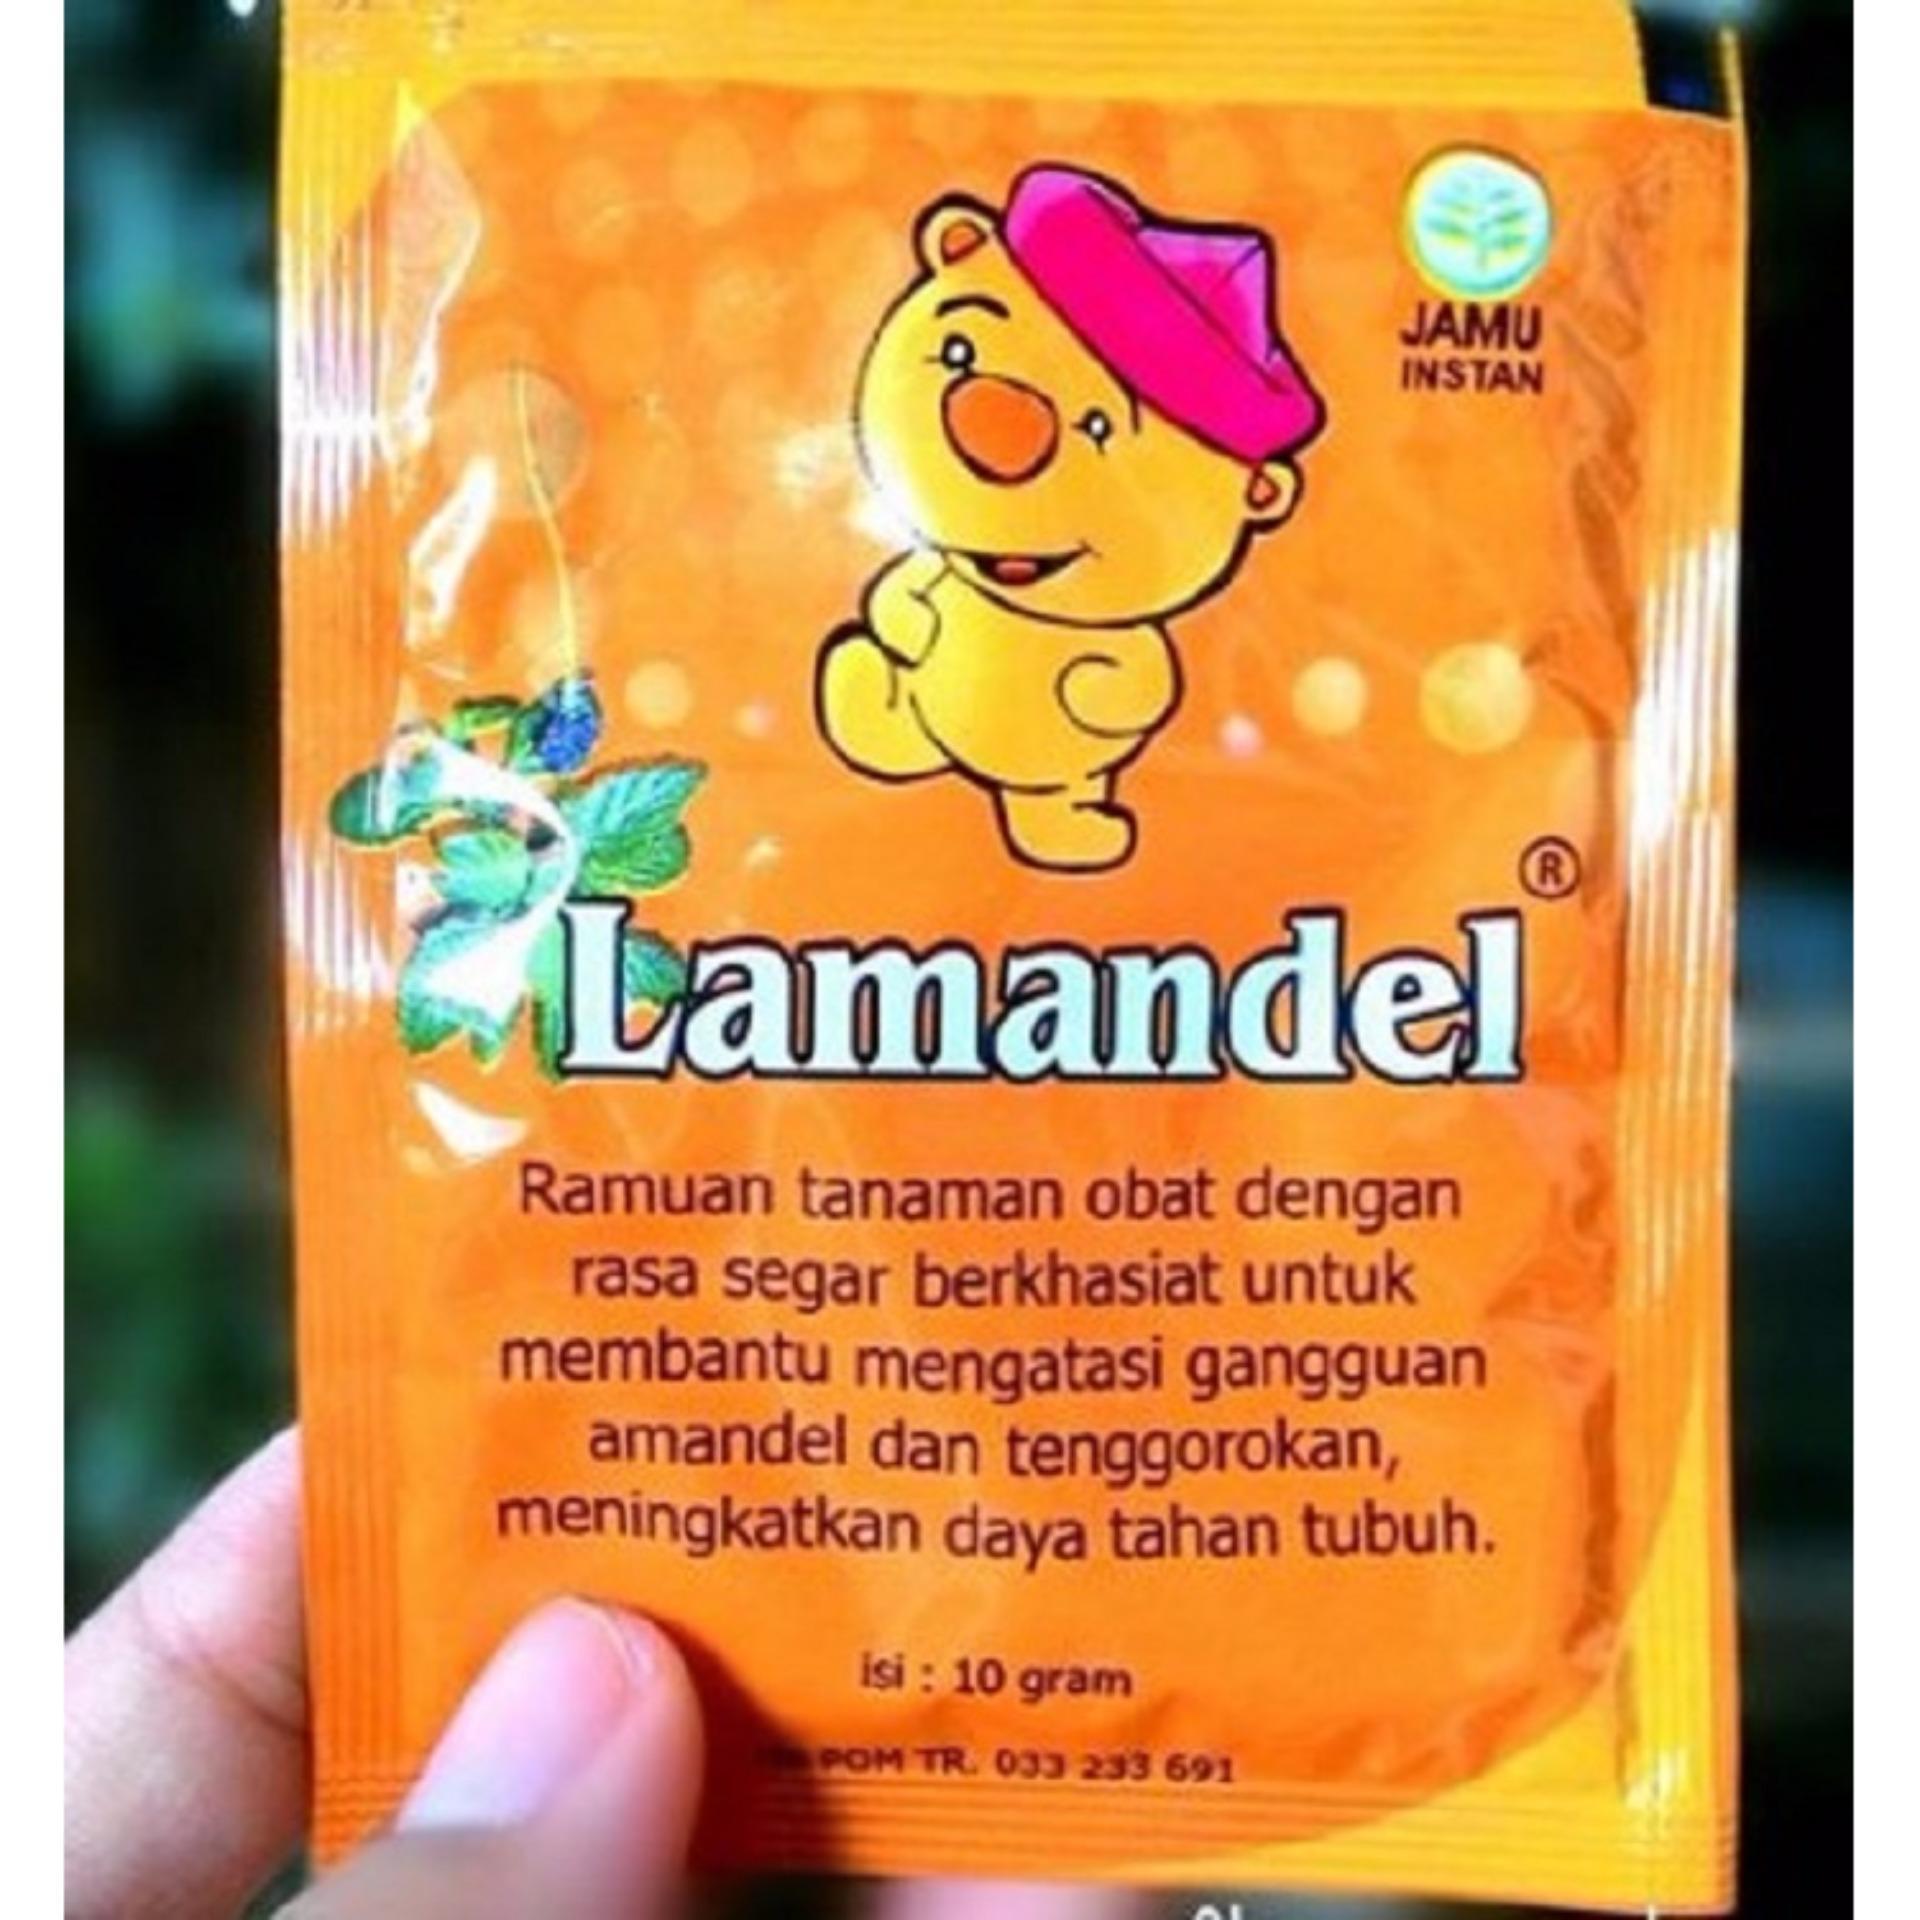 Lamandel sachet - Obat Amandel untuk anak, obat penyakitamandel,obat radang .